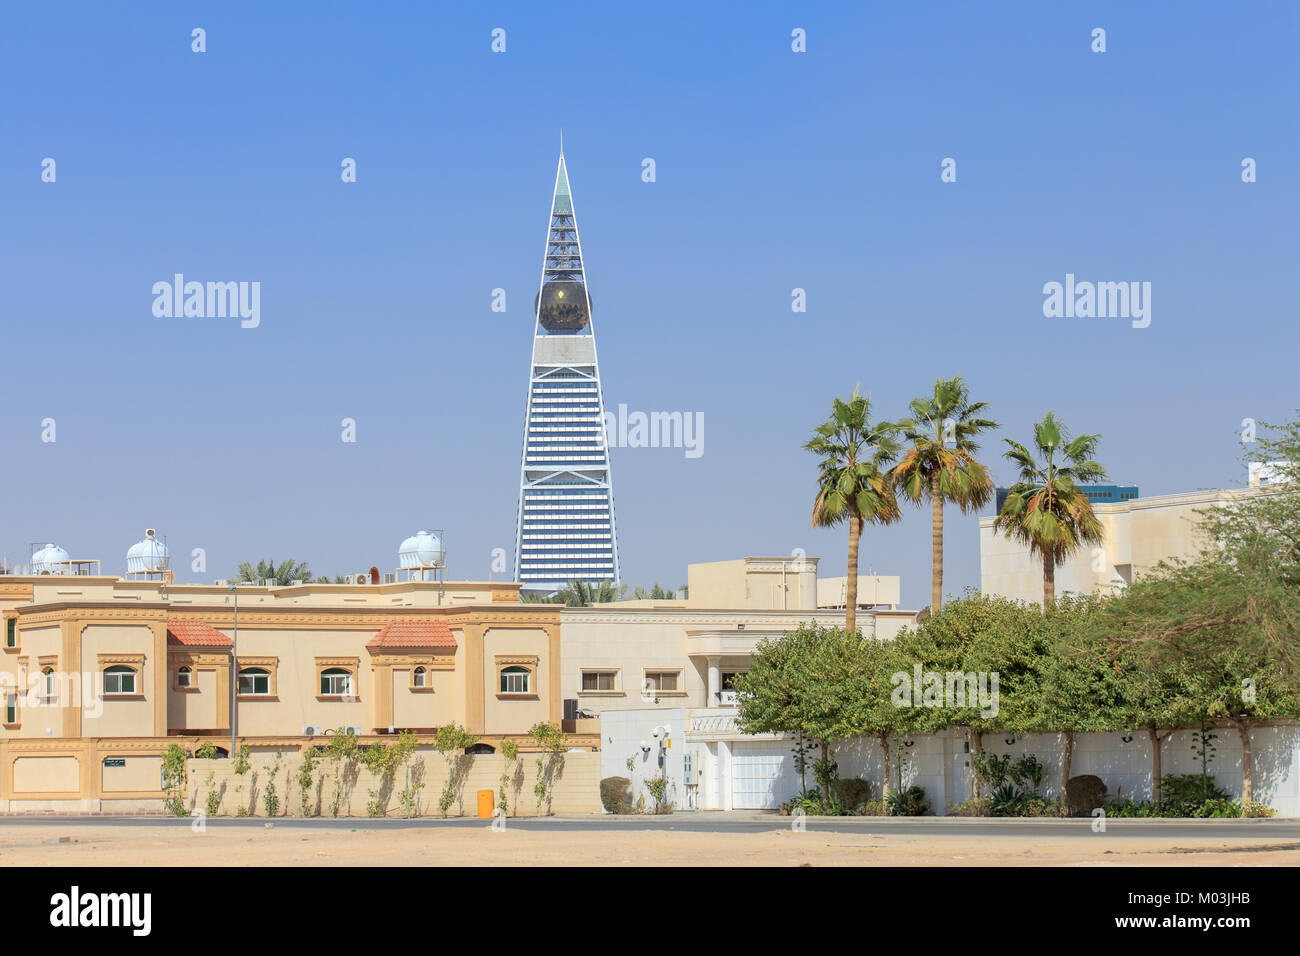 Paesaggio di Riad in Arabia Saudita Immagini Stock